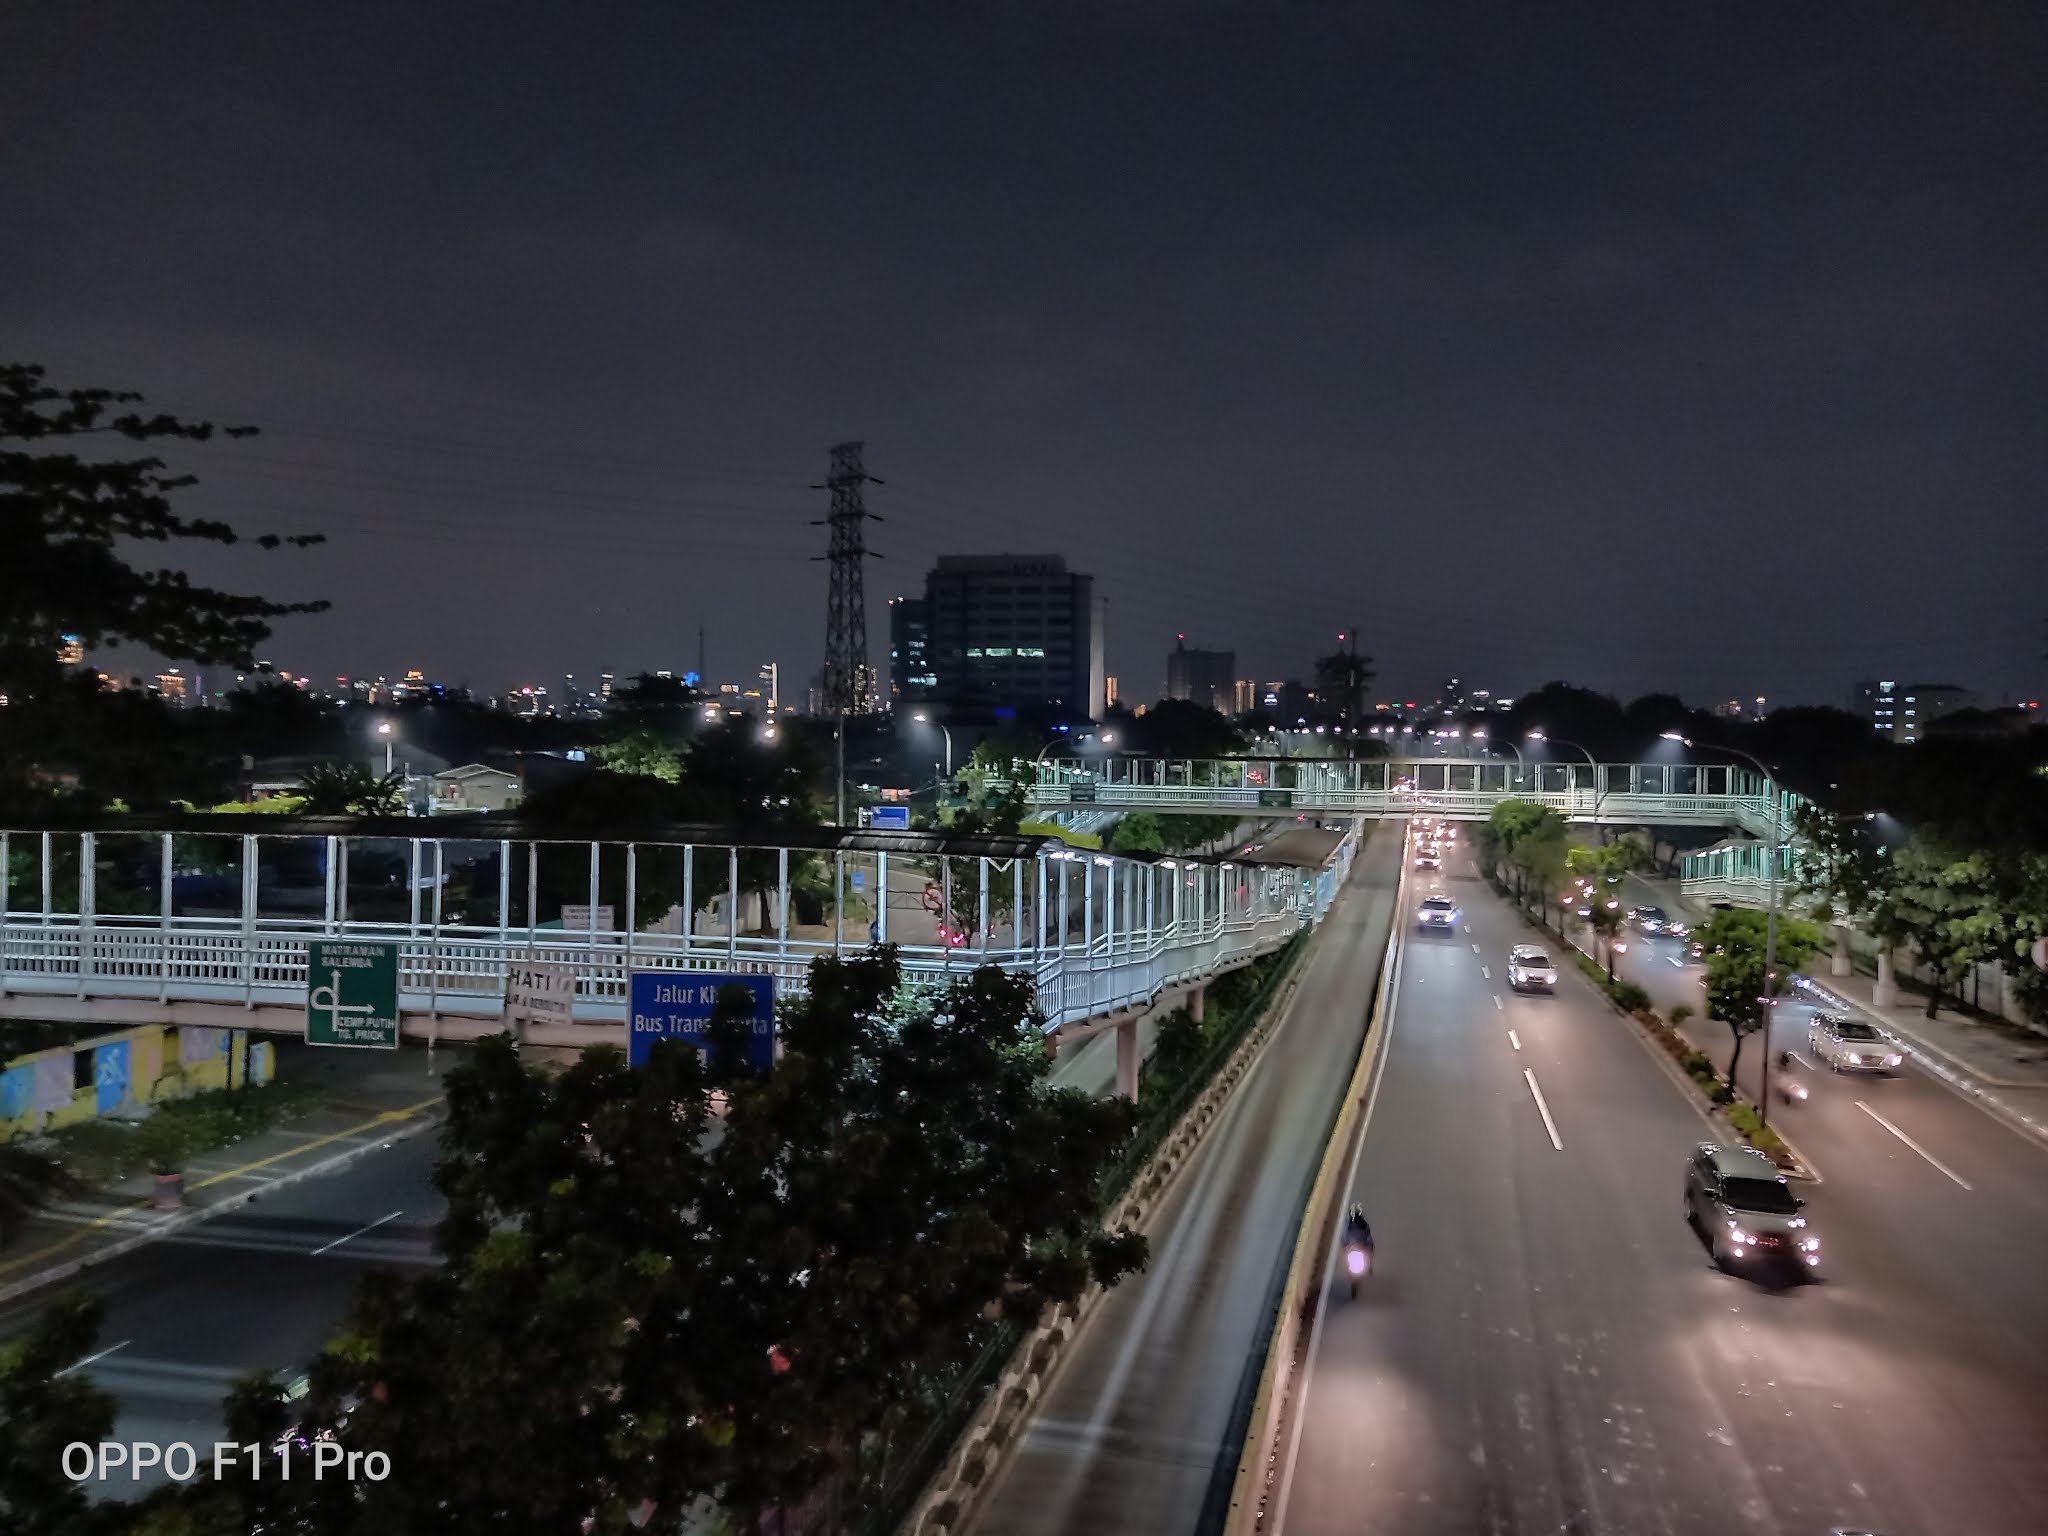 Foto oke di malam hari dengan kamera smartphone